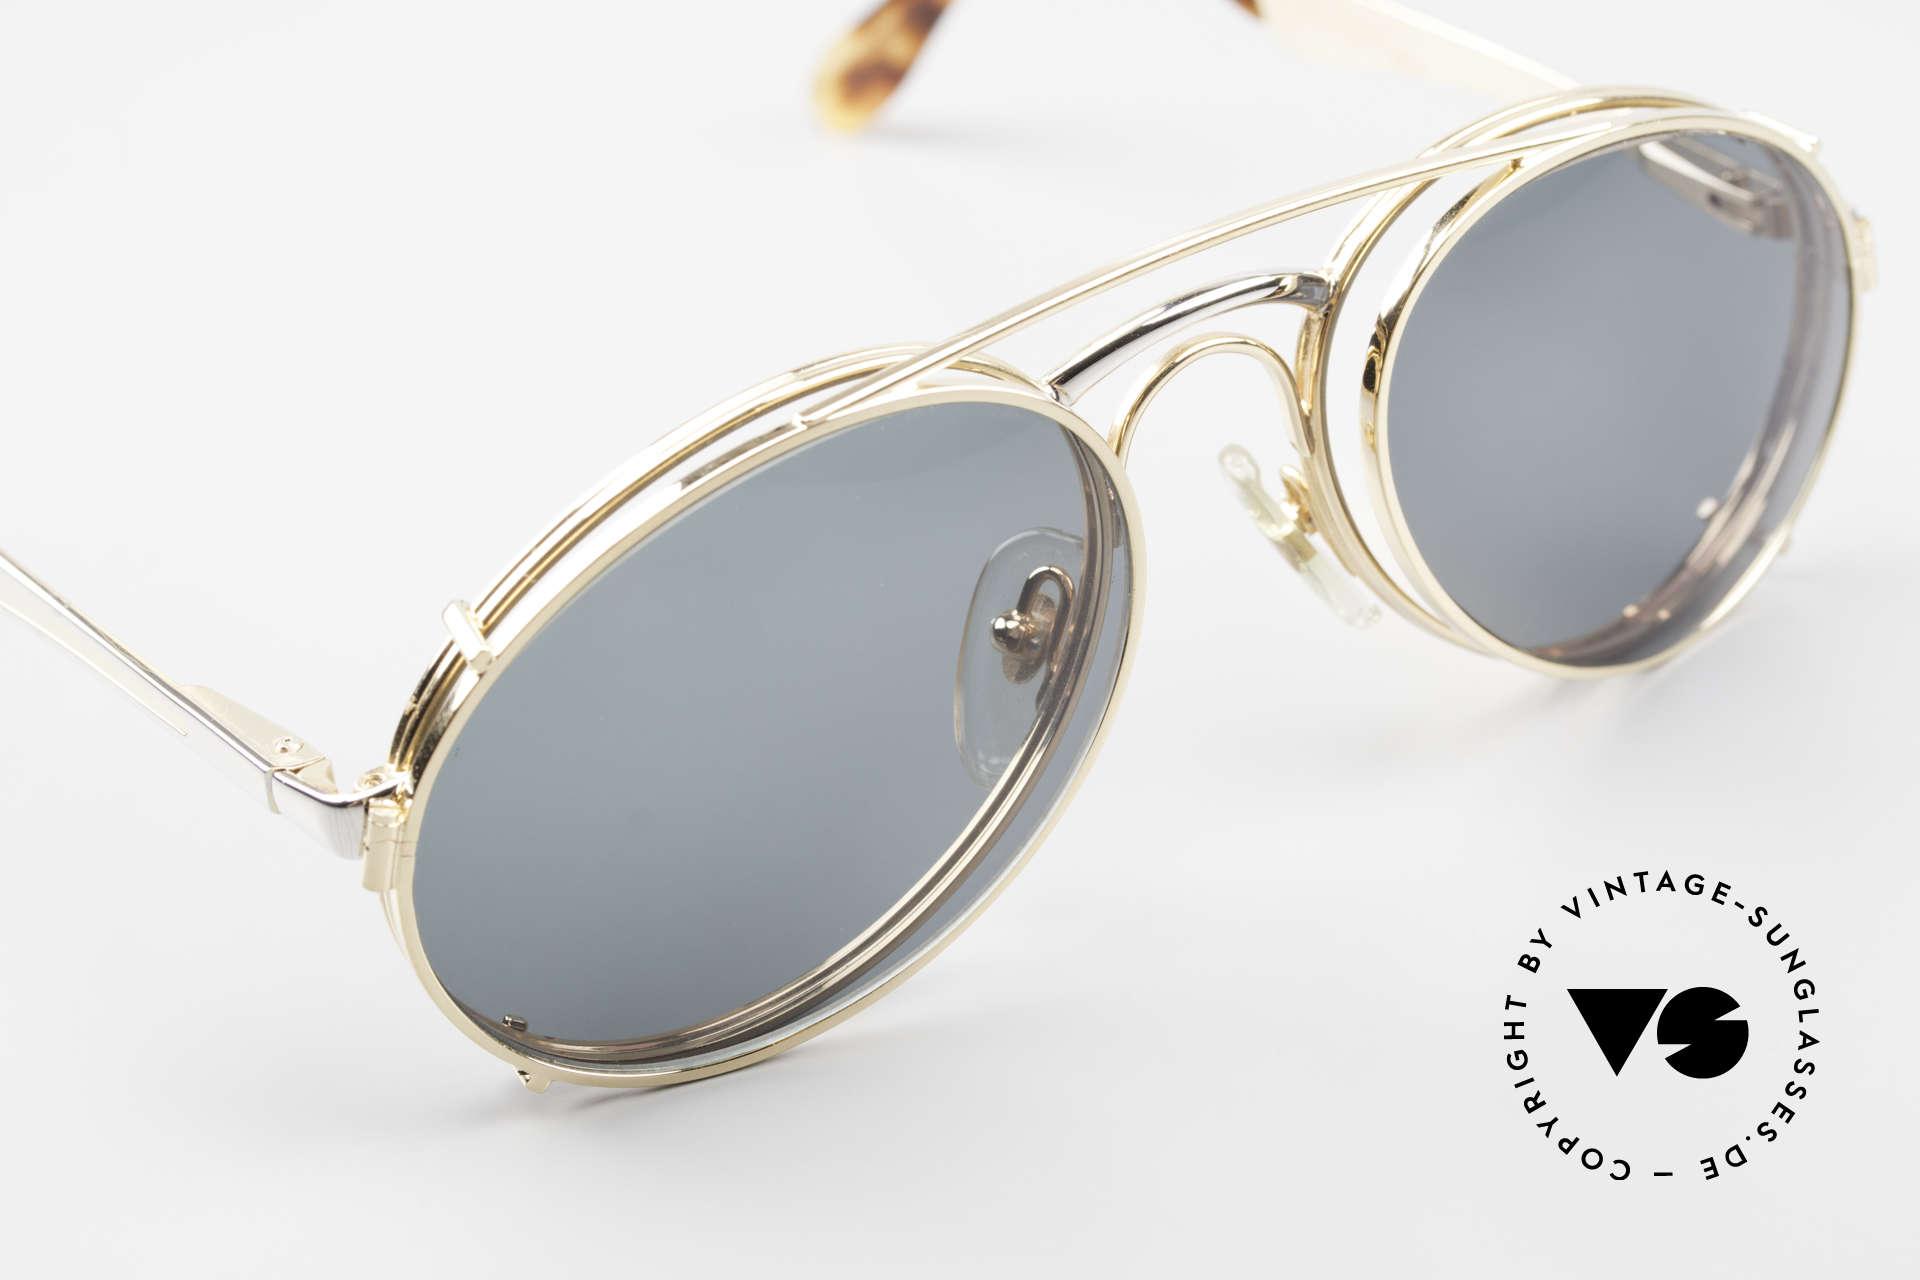 Bugatti 11948 Luxus Herrenbrille Mit Clip On, KEINE Retrobrille; sondern alte ORIGINALbrille, Passend für Herren